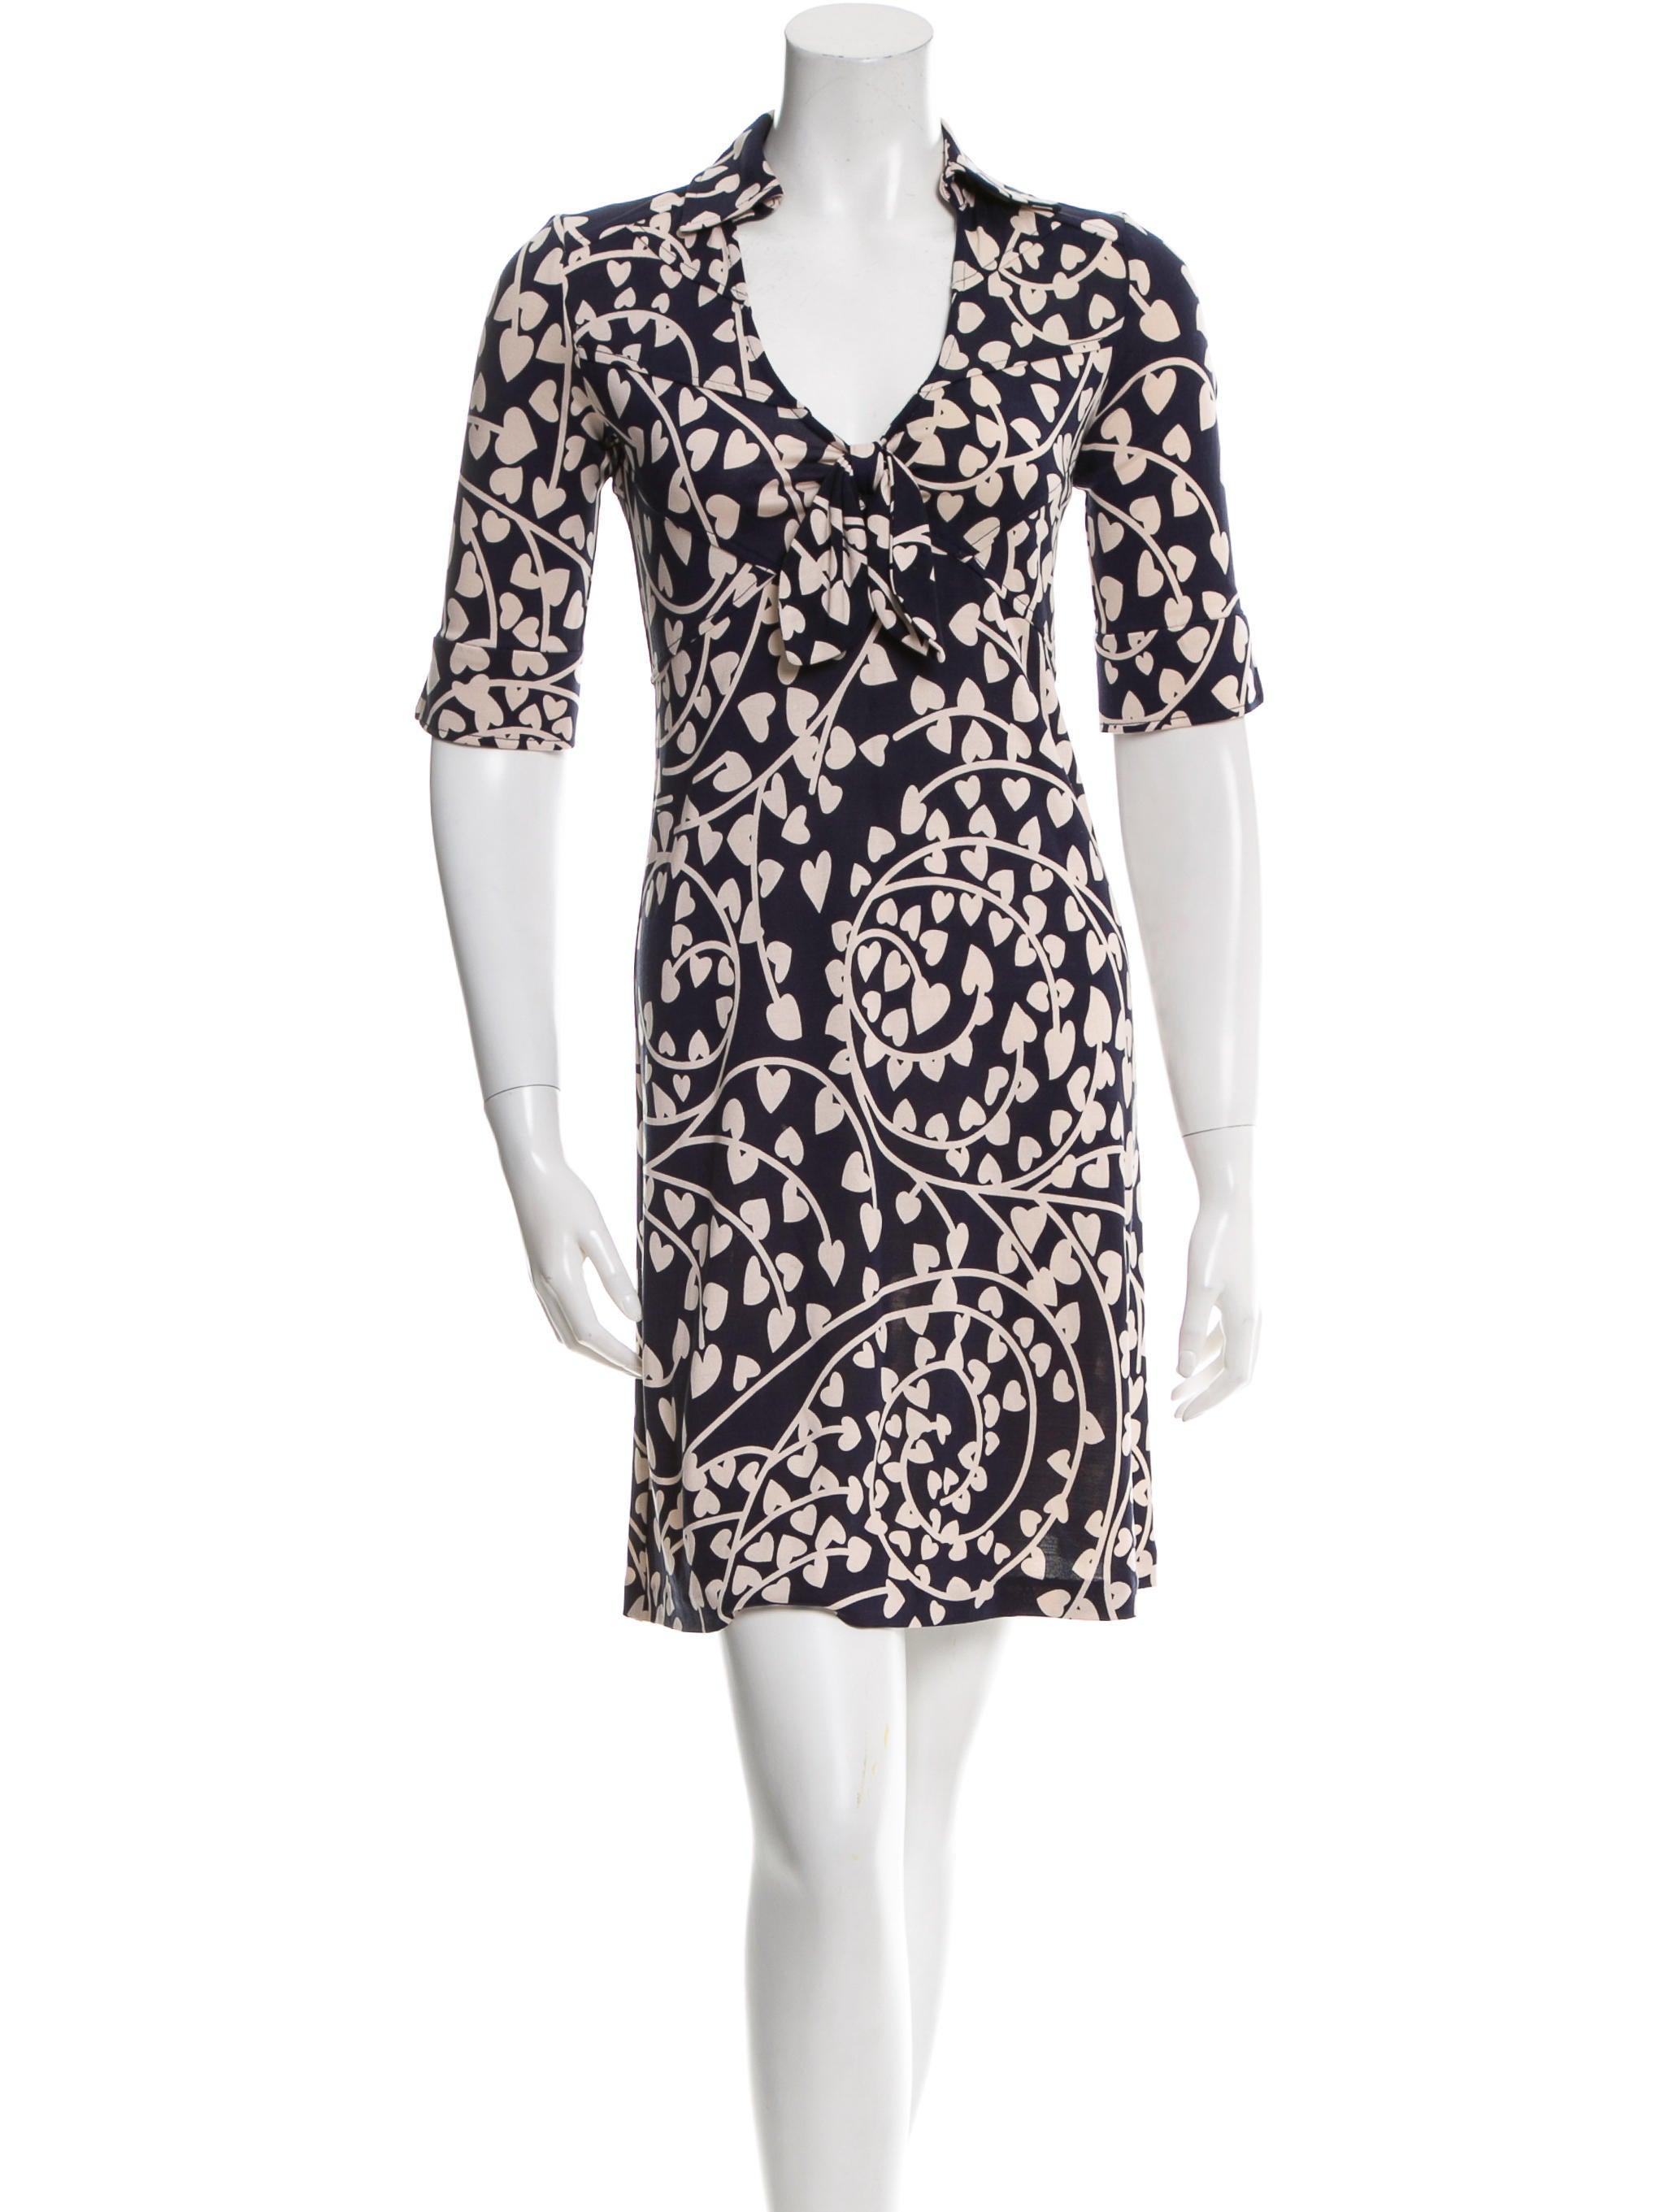 Diane von furstenberg silk lilith dress clothing for Diane von furstenberg clothing